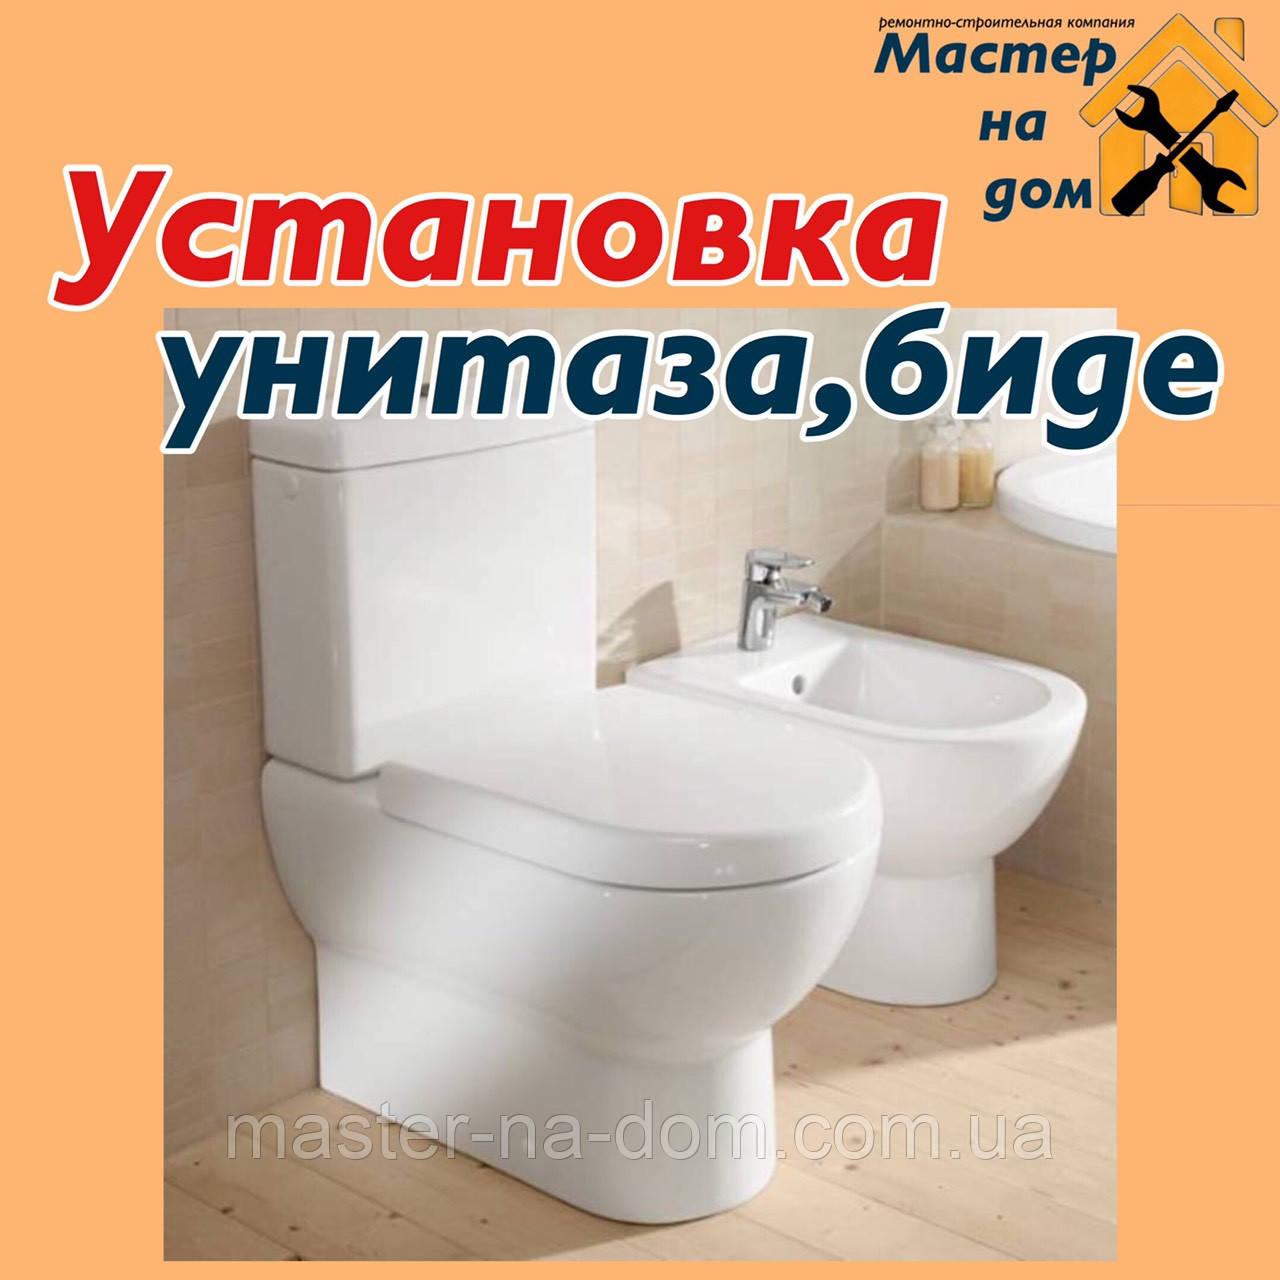 Монтаж унитаза и биде в Кропивницком